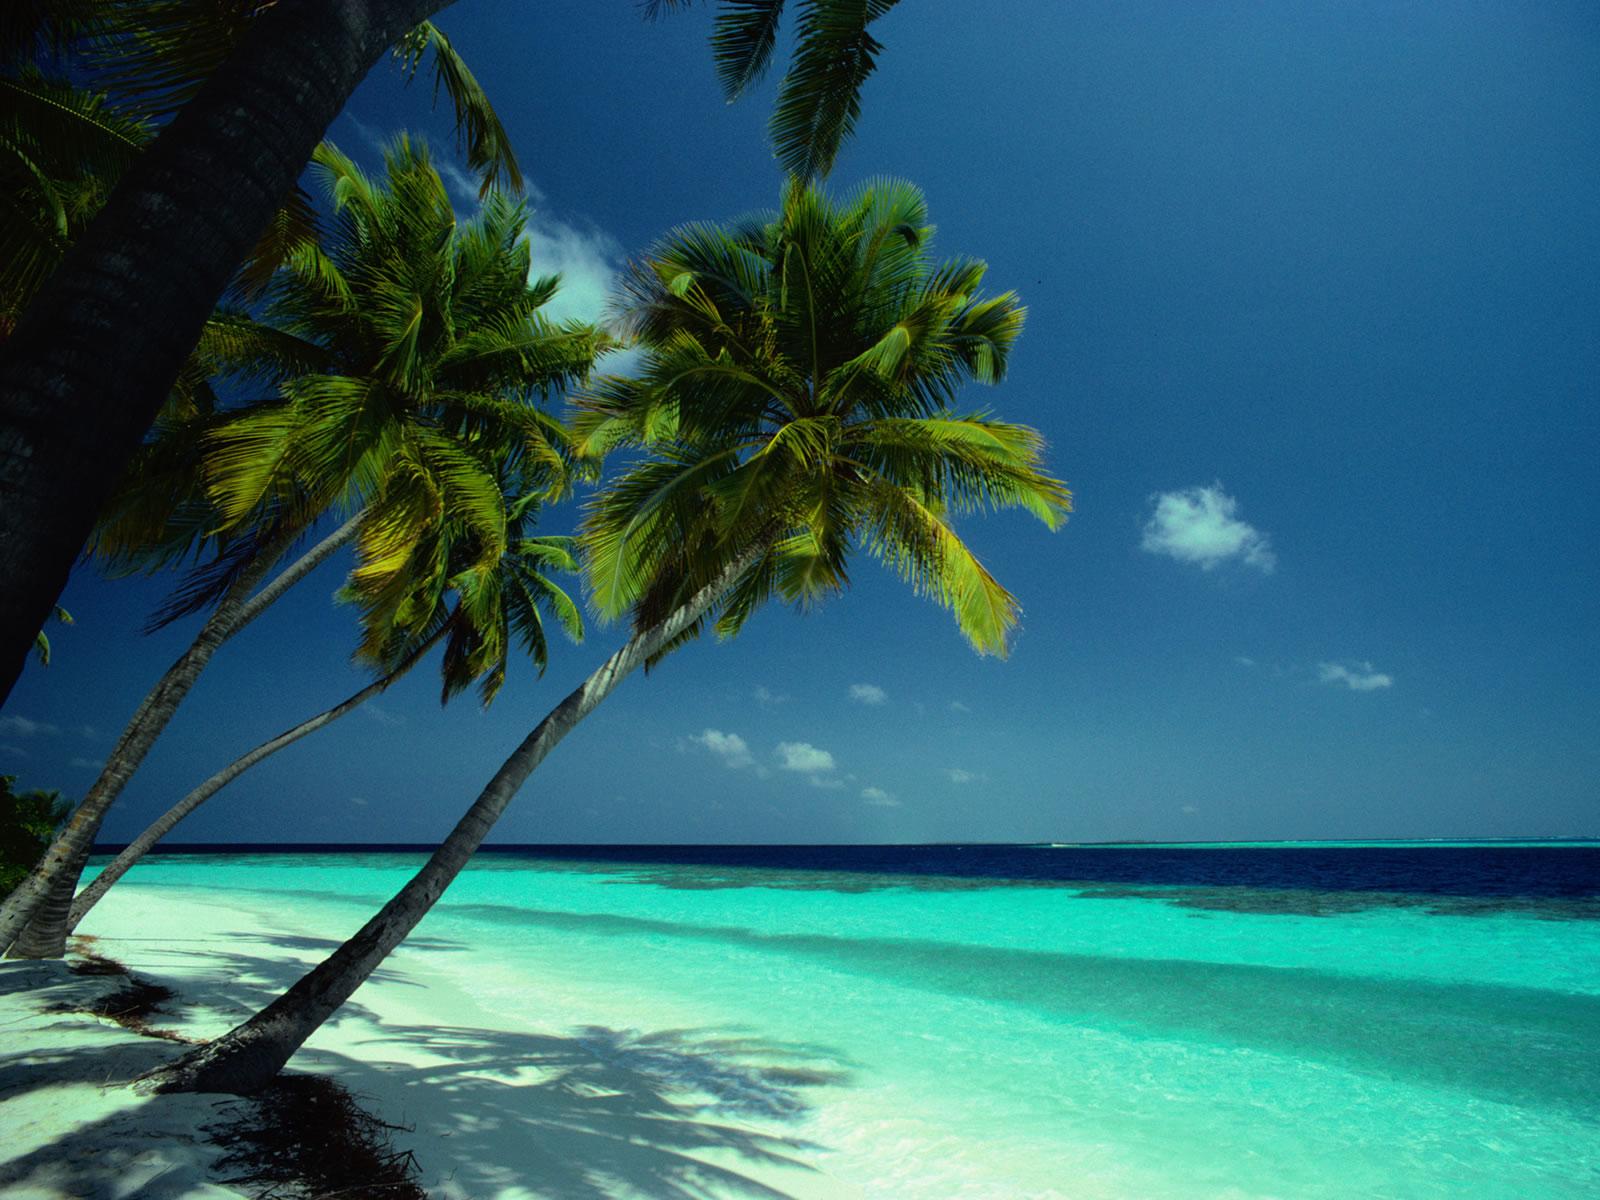 http://4.bp.blogspot.com/-0iEy8AGolhU/T13XkzA27uI/AAAAAAAACt4/HiP3e9b5_7k/s1600/Beach-Palms+8.jpg